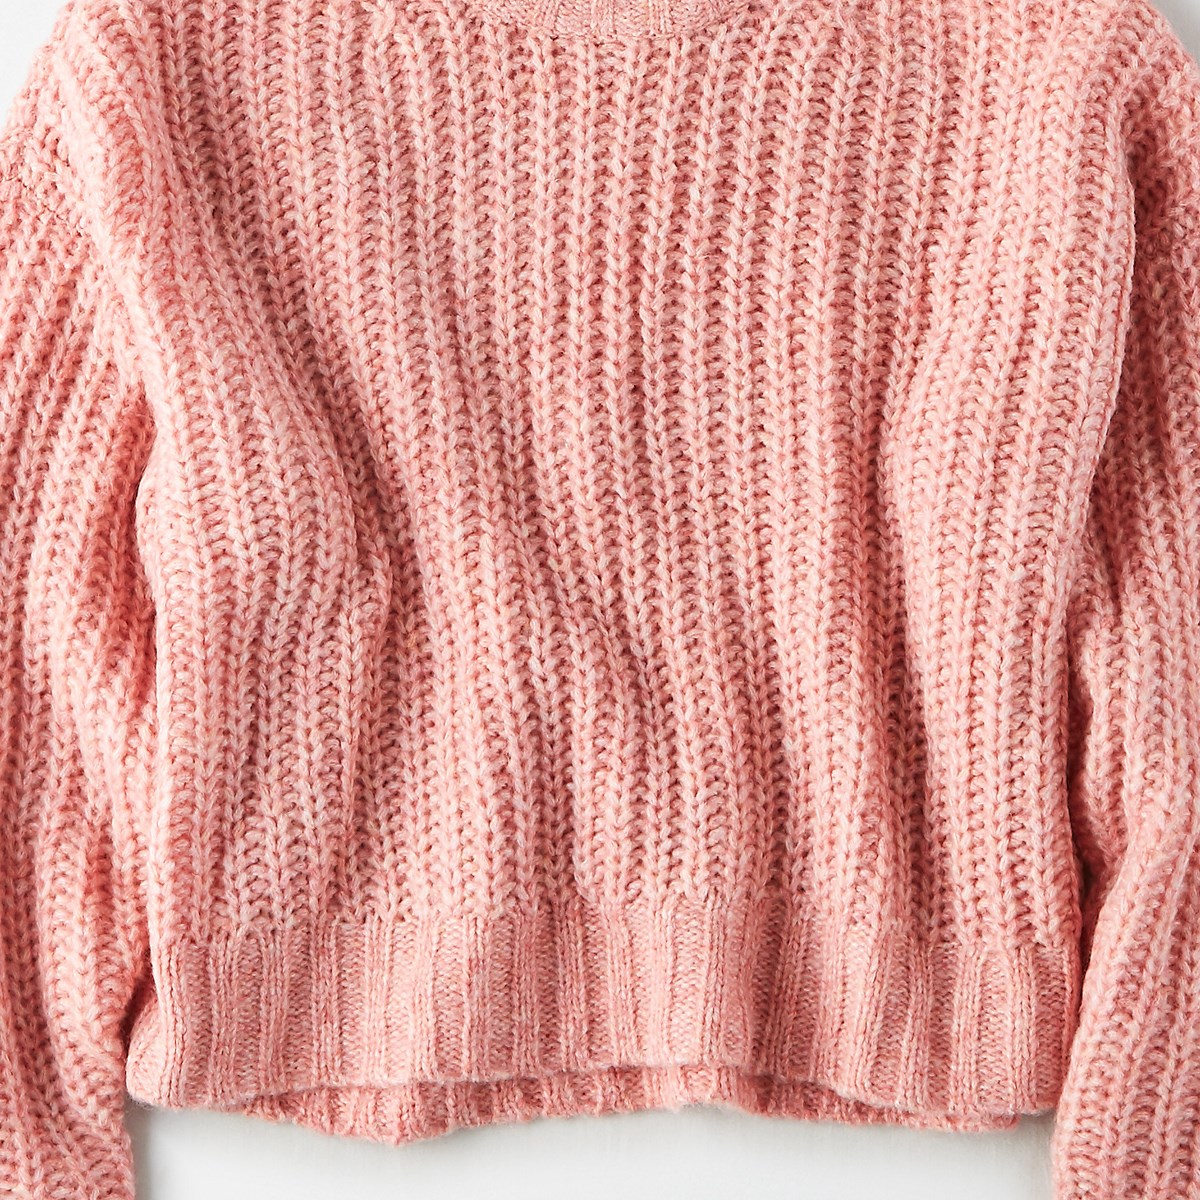 AEO Cozy Crew Neck Sweater